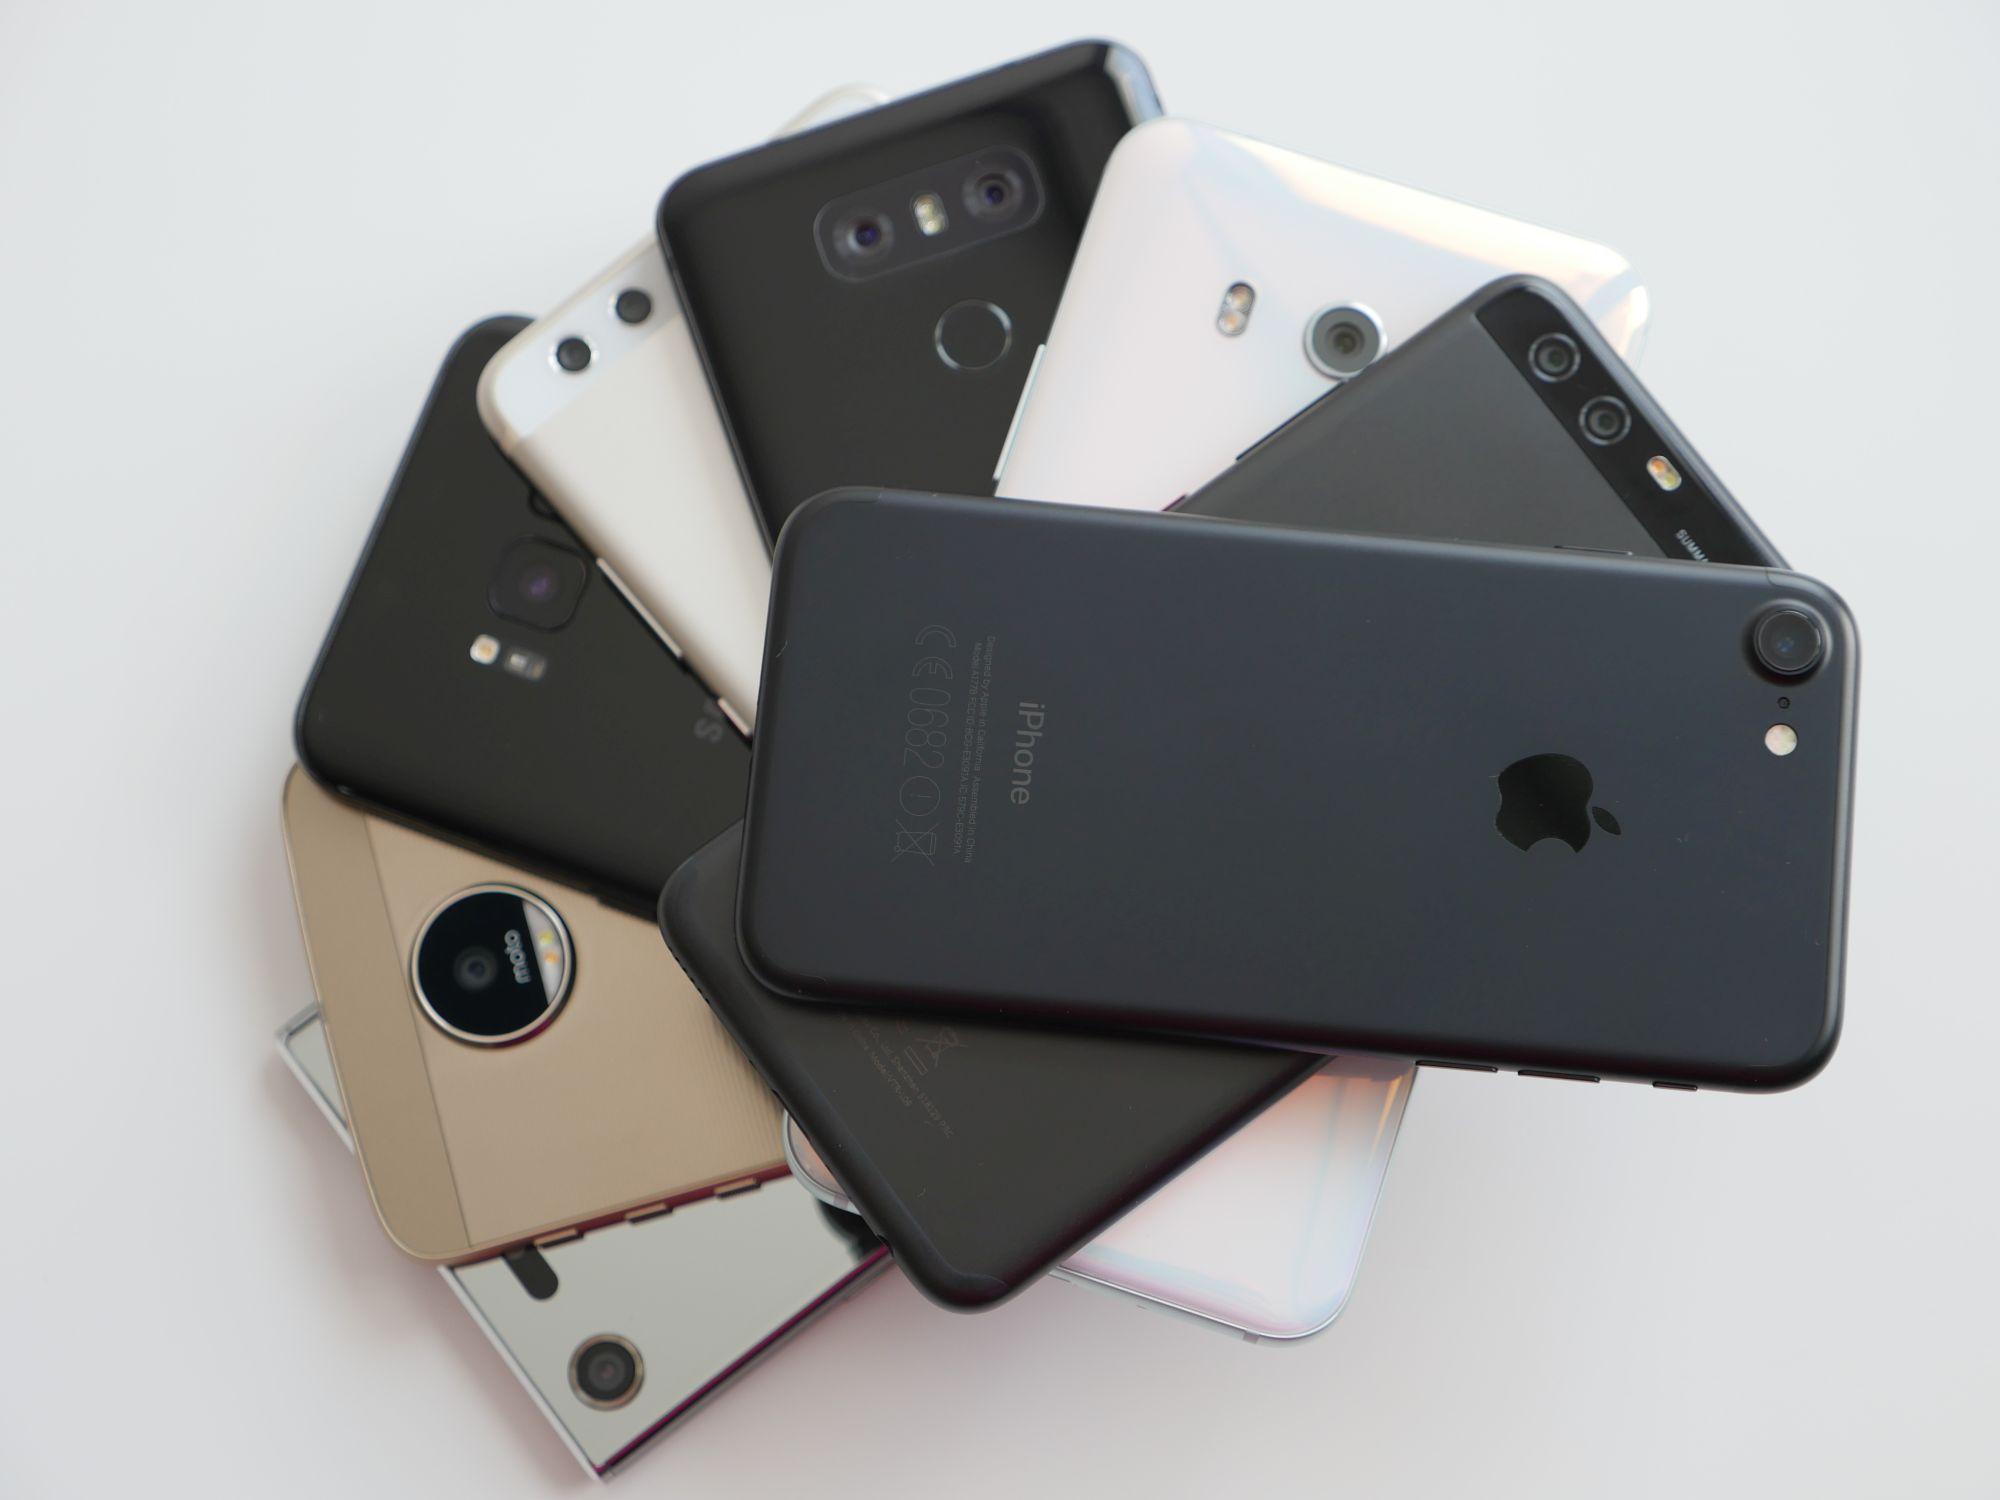 Przemyślenia po CESie, czyli jaki powinien być smartfon idealny? 1